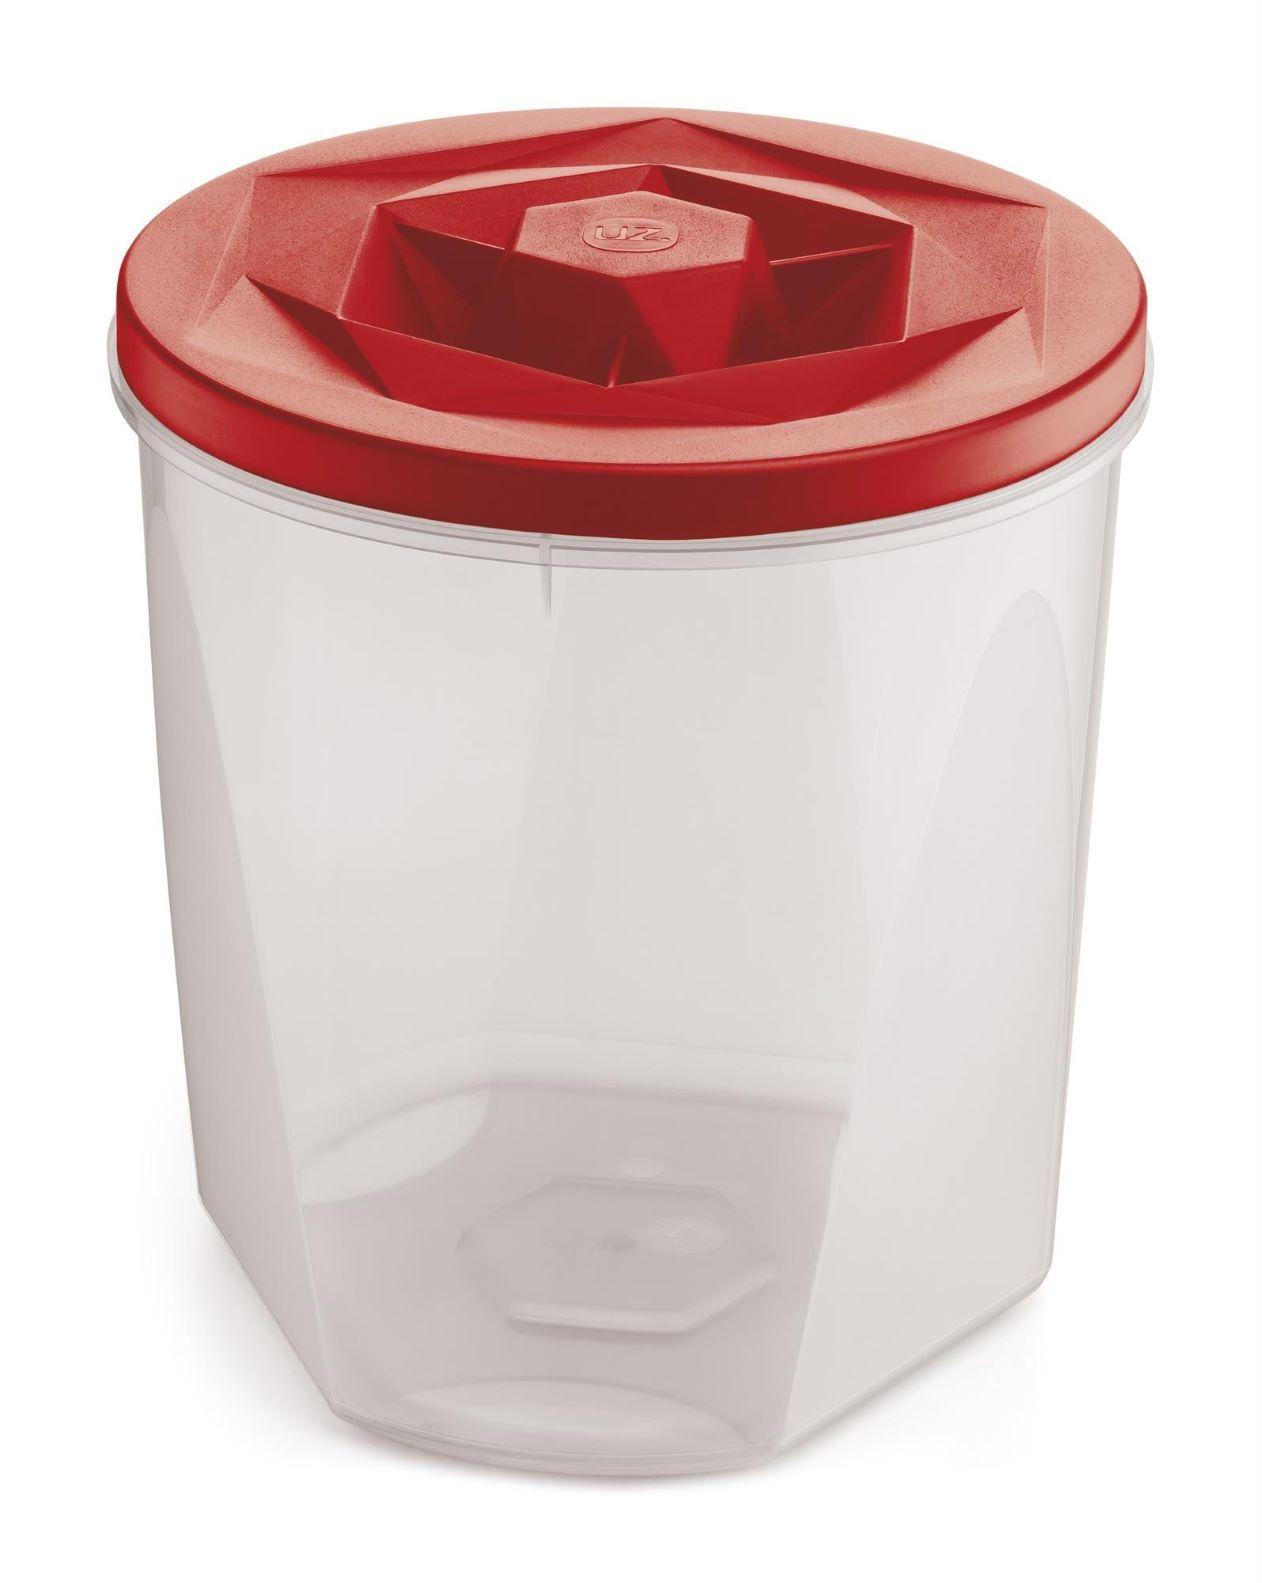 Jogo de Potes Porta Mantimentos 5 Peças Plástico Vision Com Tampa de Rosca UZ Utilidades - Vermelho